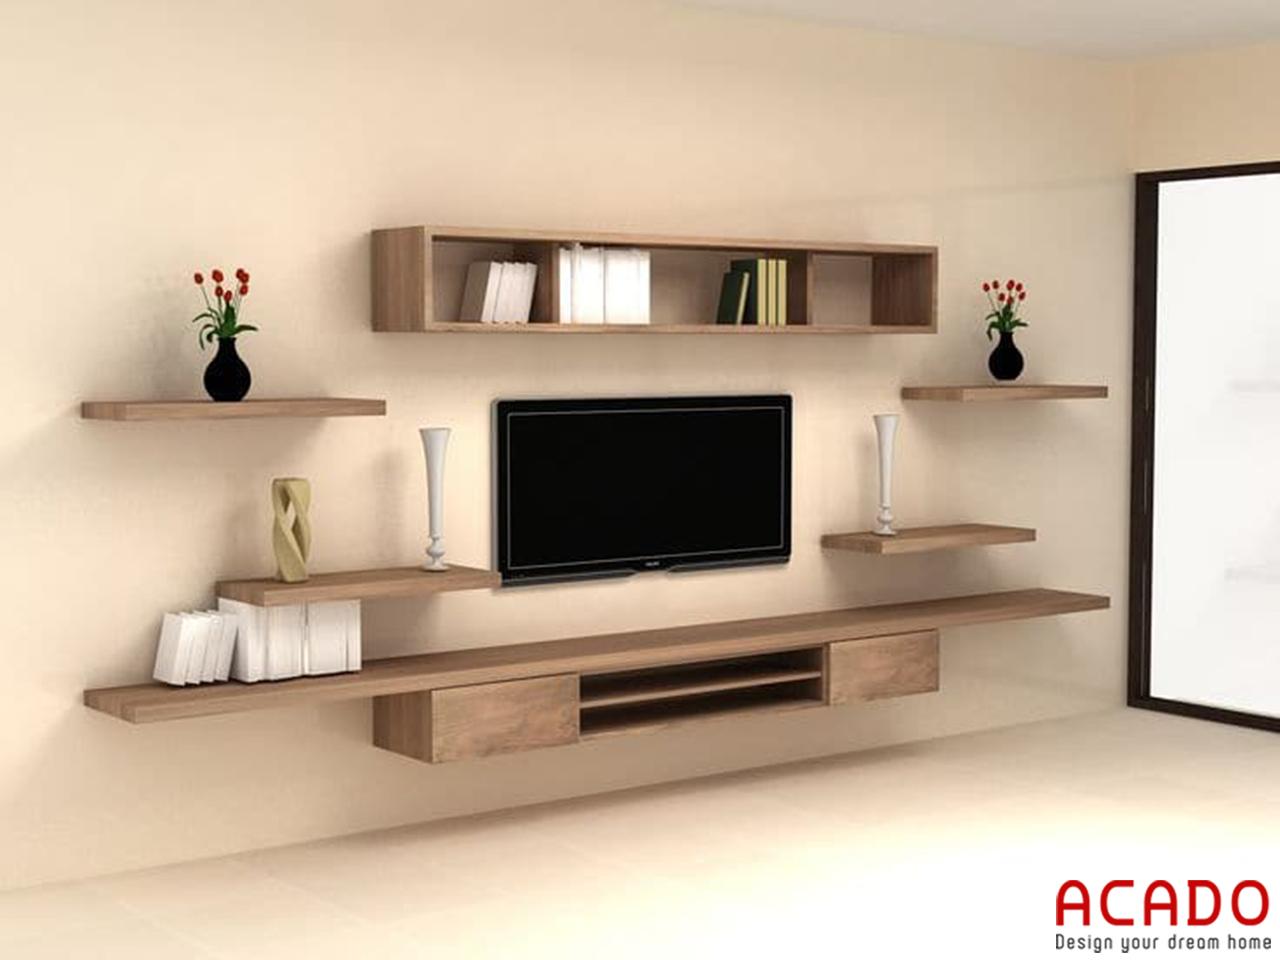 Kệ tivi treo tường chất liệu gỗ Sồi kiểu dáng đơn giản, hiện đại cho bạn tham khảo